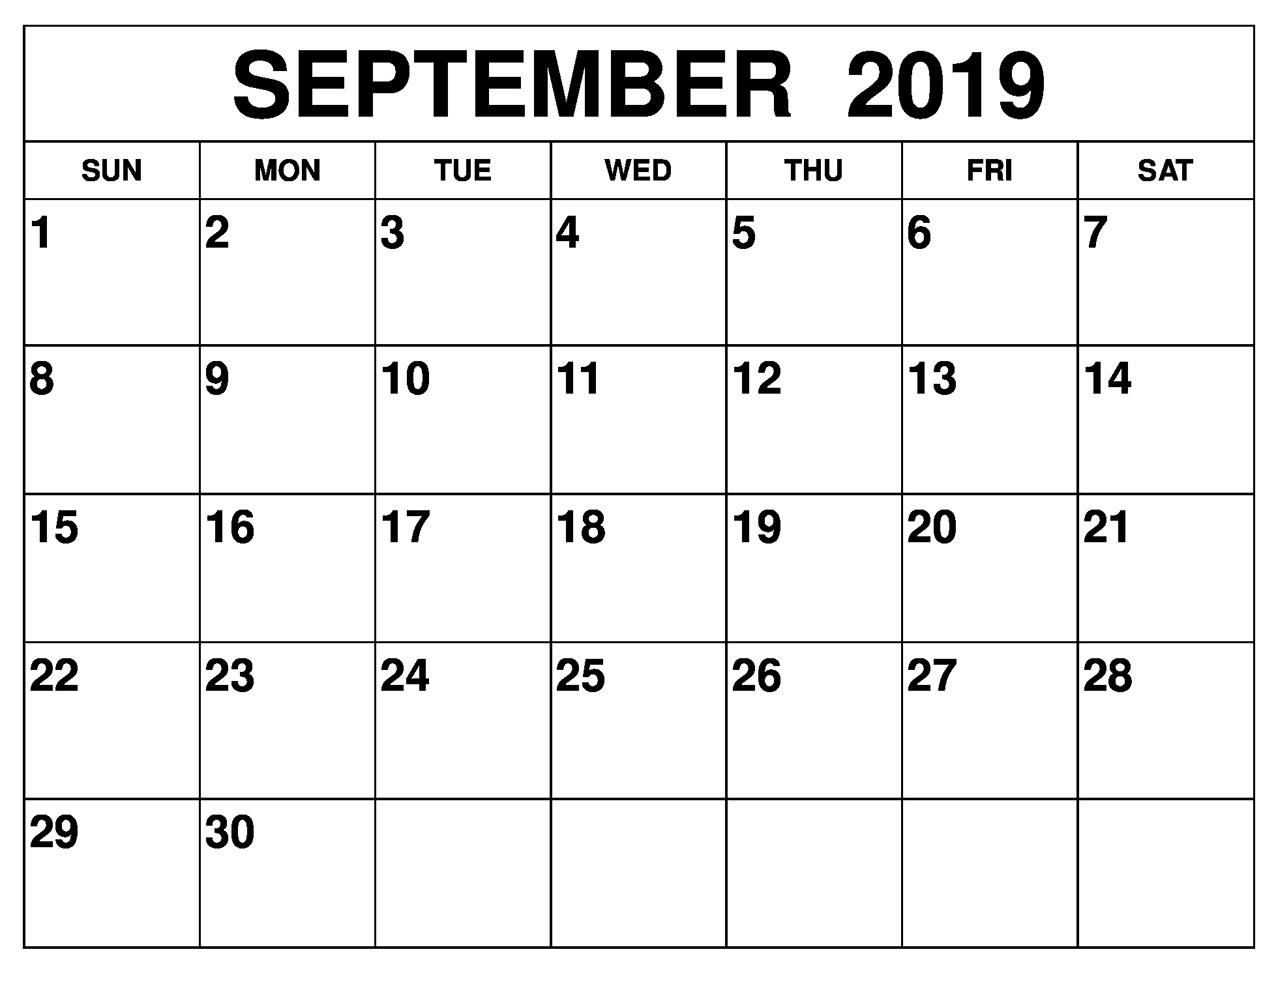 September 2019 Printable Calendar Landscape Pages - Latest